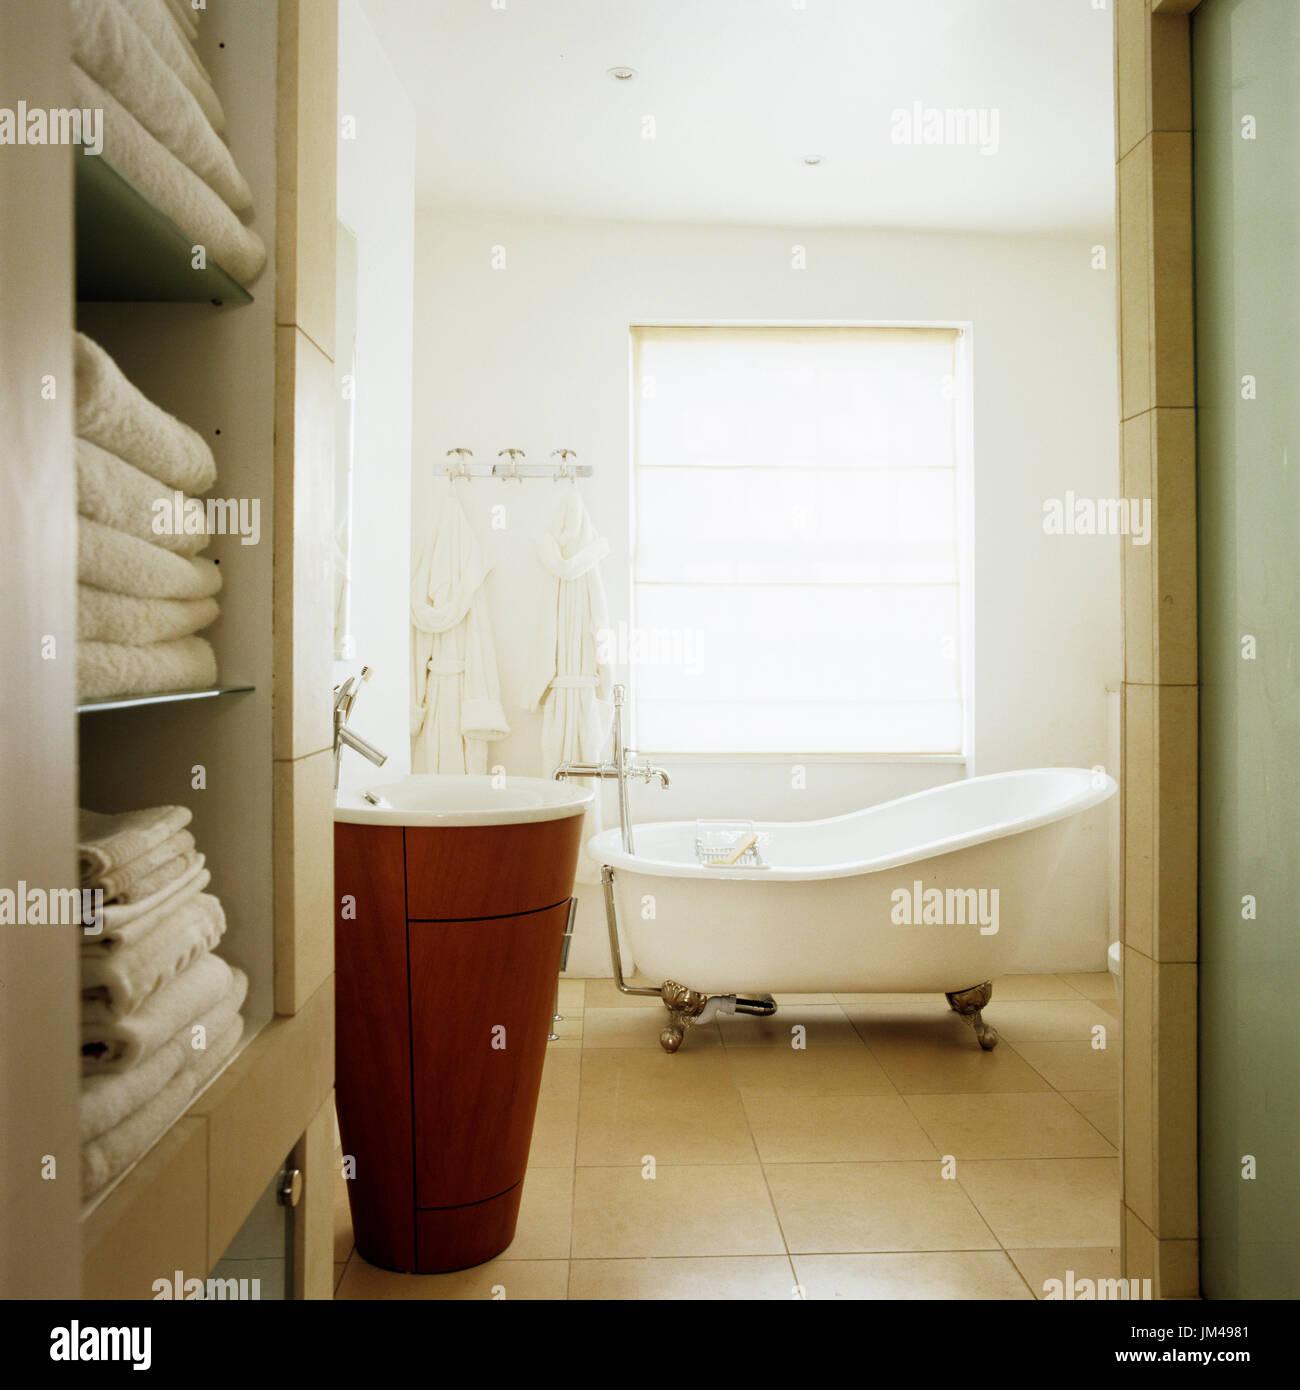 Fabulous Bad Mit Freistehender Badewanne Gallery Of Badezimmer